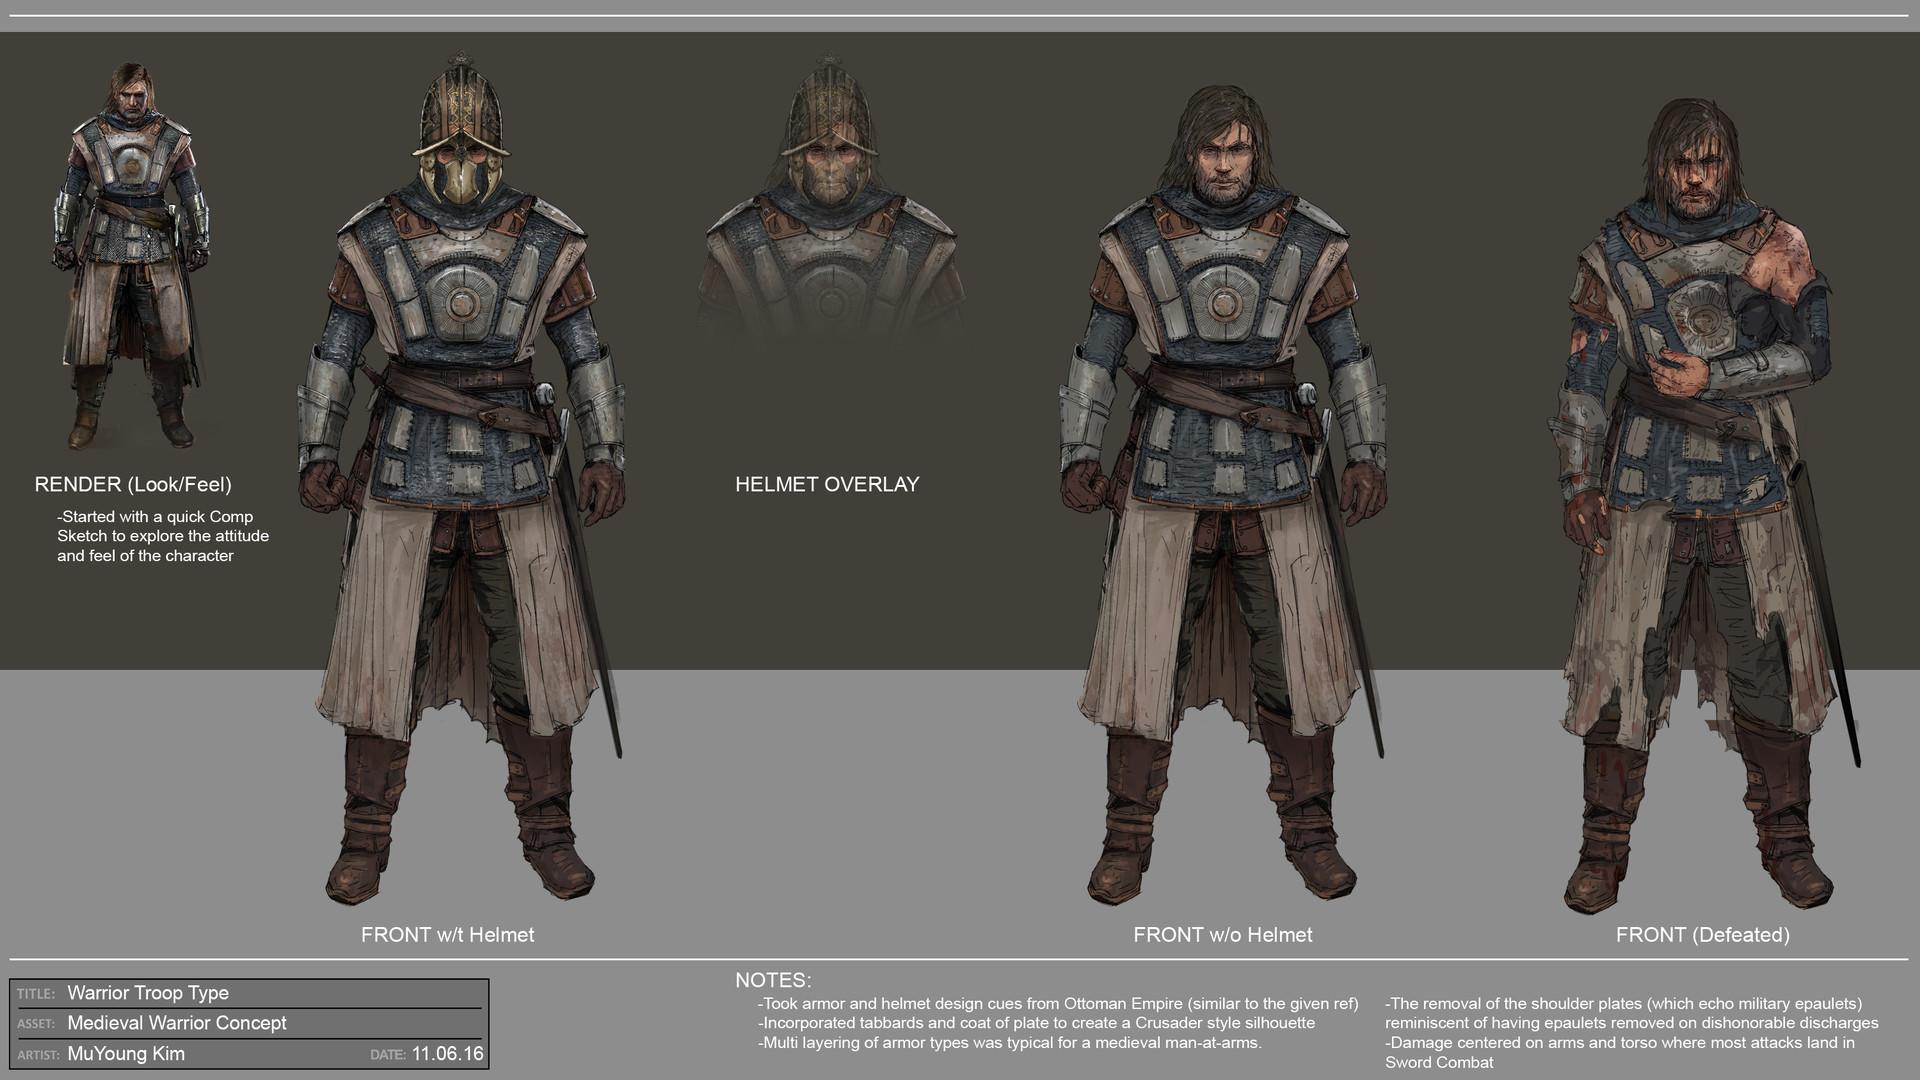 Muyoung kim warrior troop concept 1